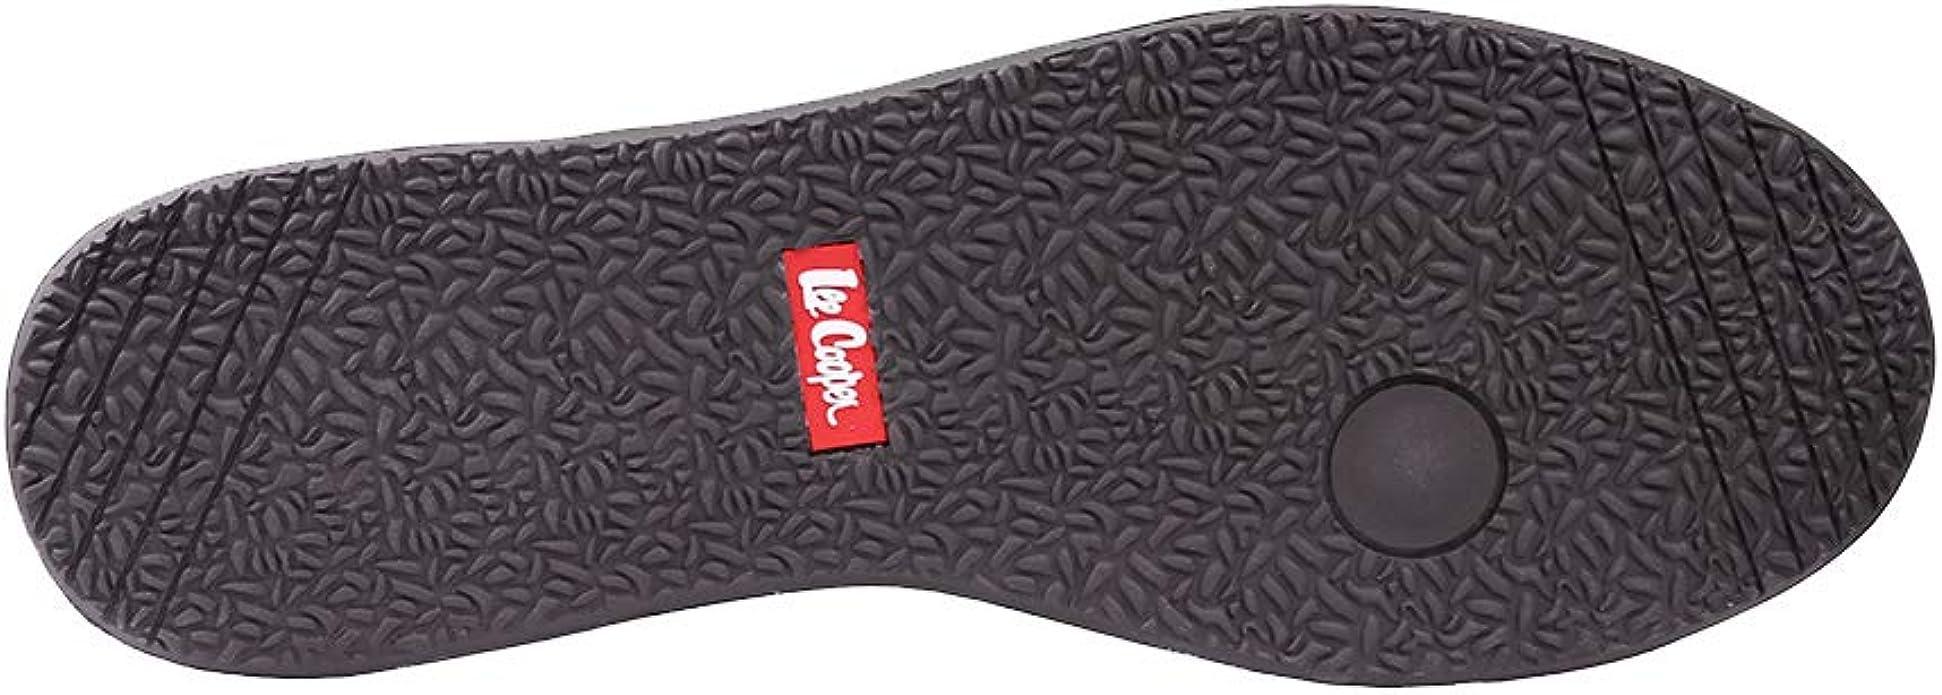 gris Lee Cooper LCSHOE112 Chaussures de s/écurit/é pour homme Style athl/étique avec embout en acier 1 UK 7// EU 41